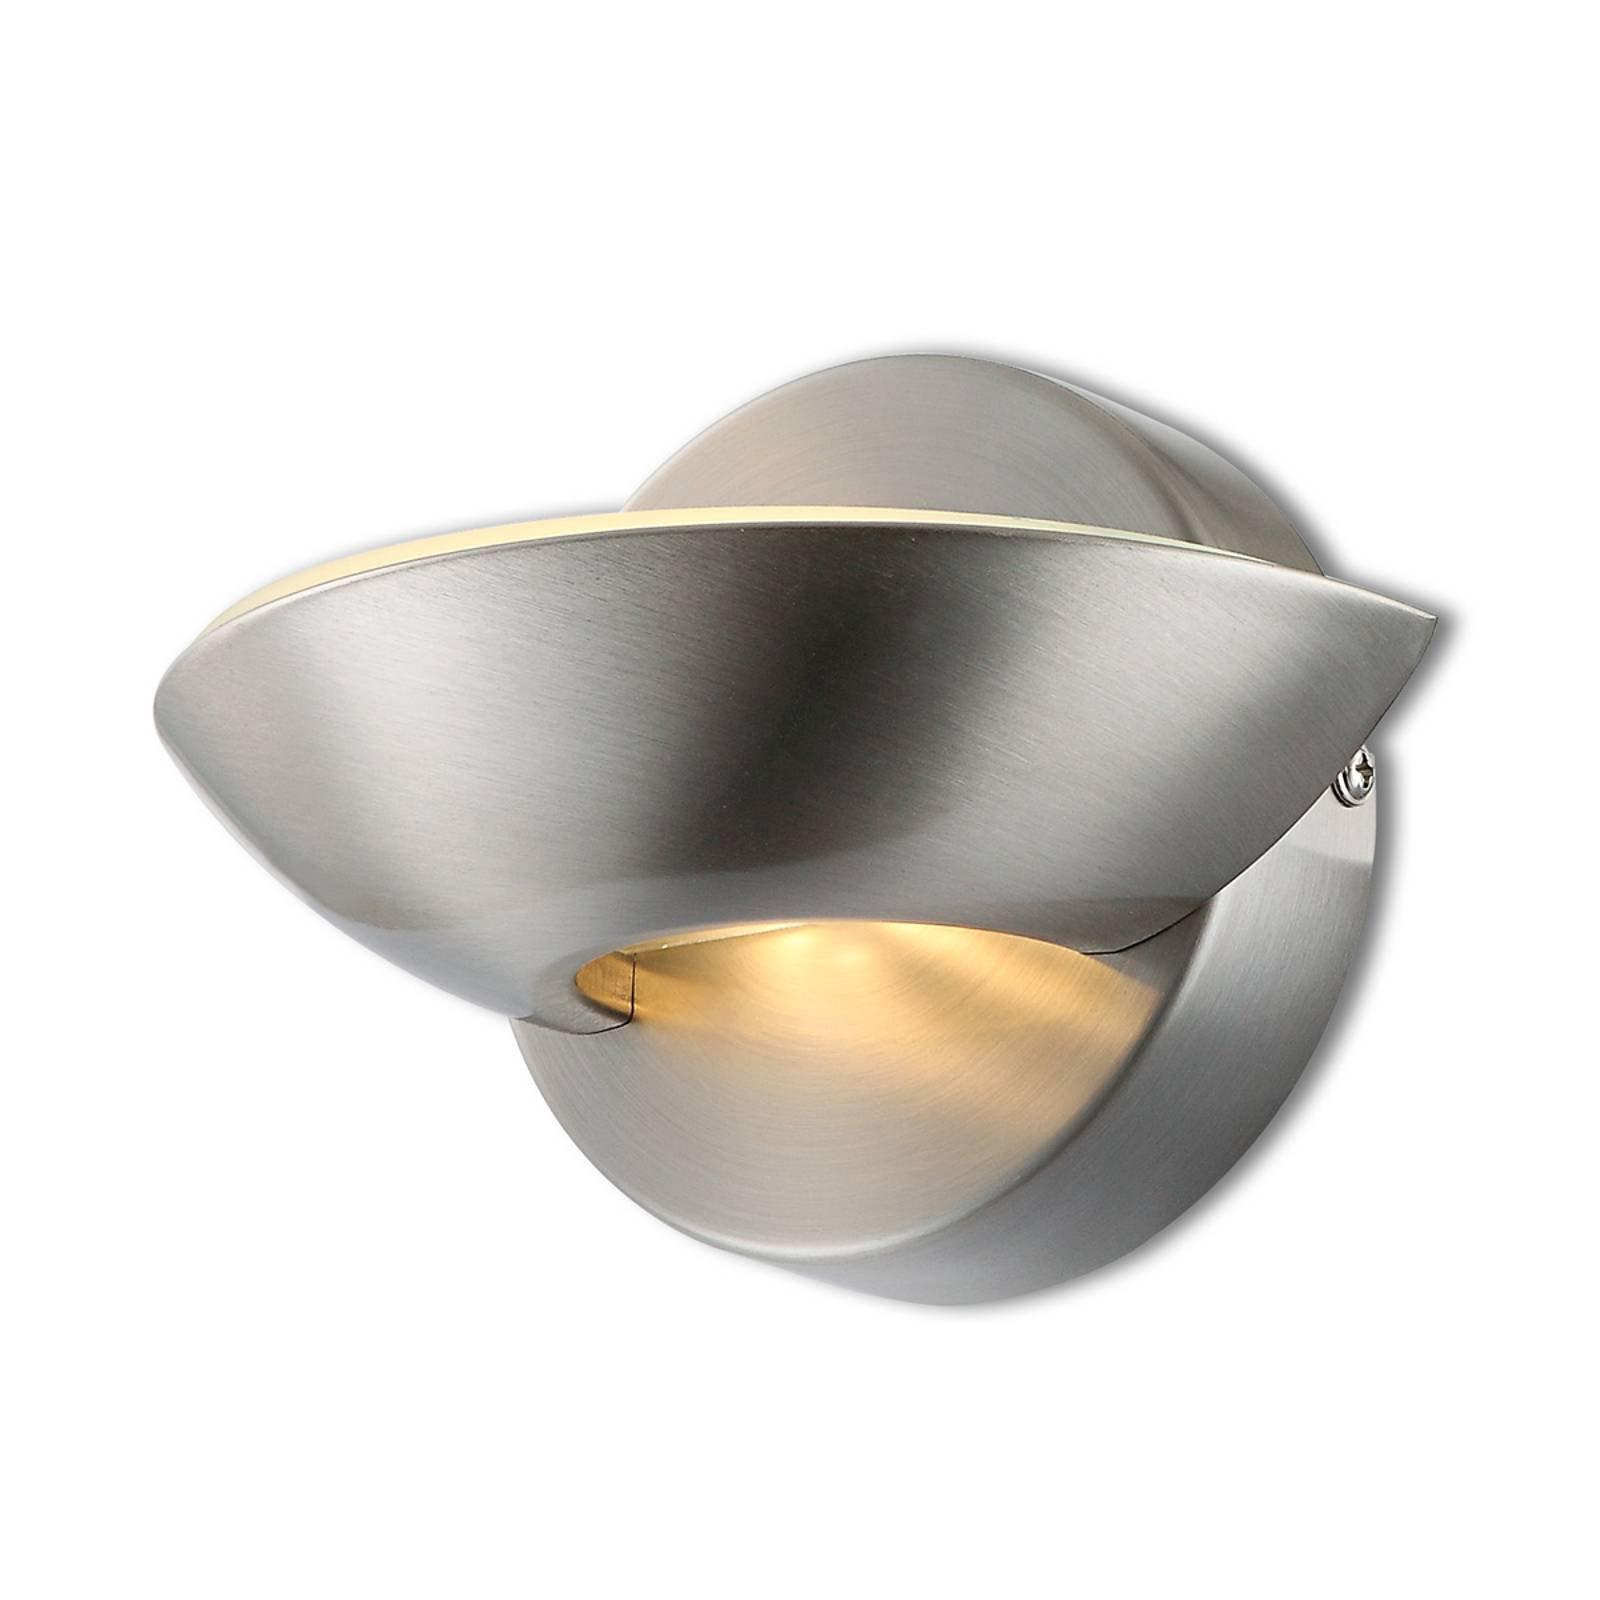 LED-vegglampe Cosimo, matt nikkel